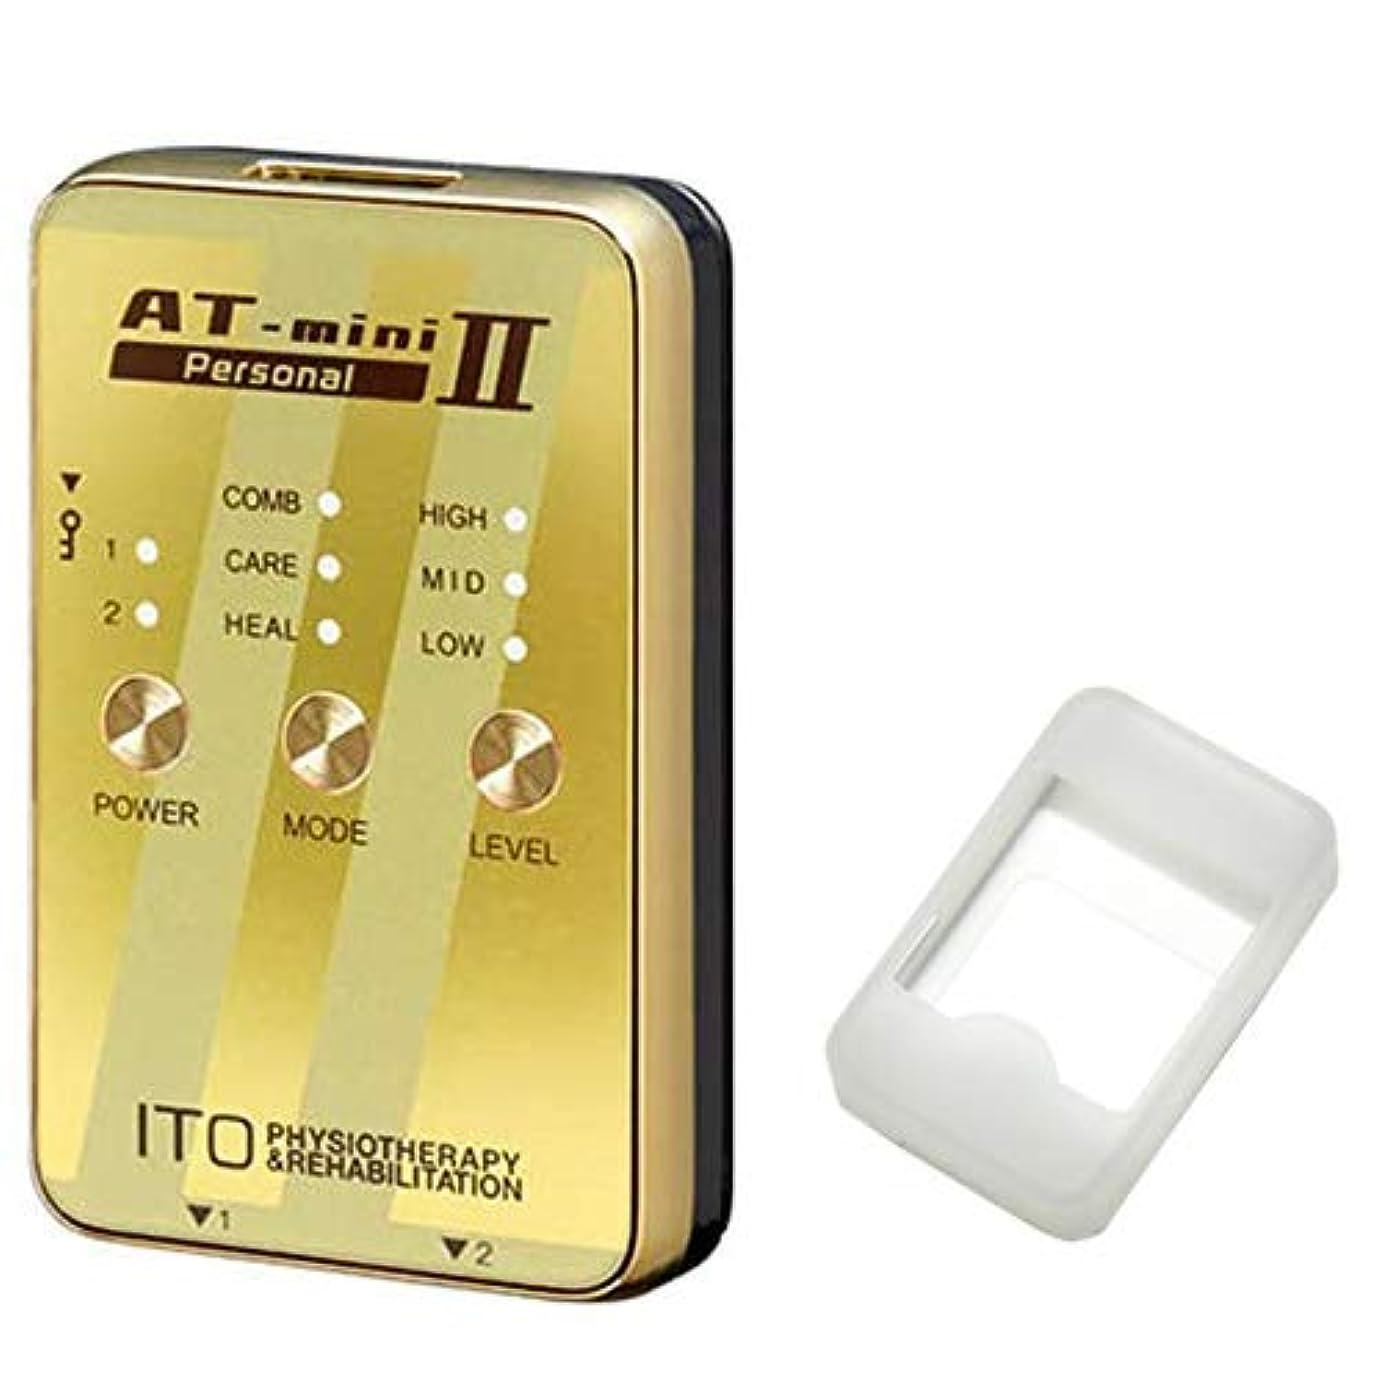 息子自動化健康的低周波治療器 AT-mini personal II ゴールド (ATミニパーソナル2) + シリコン保護ケース